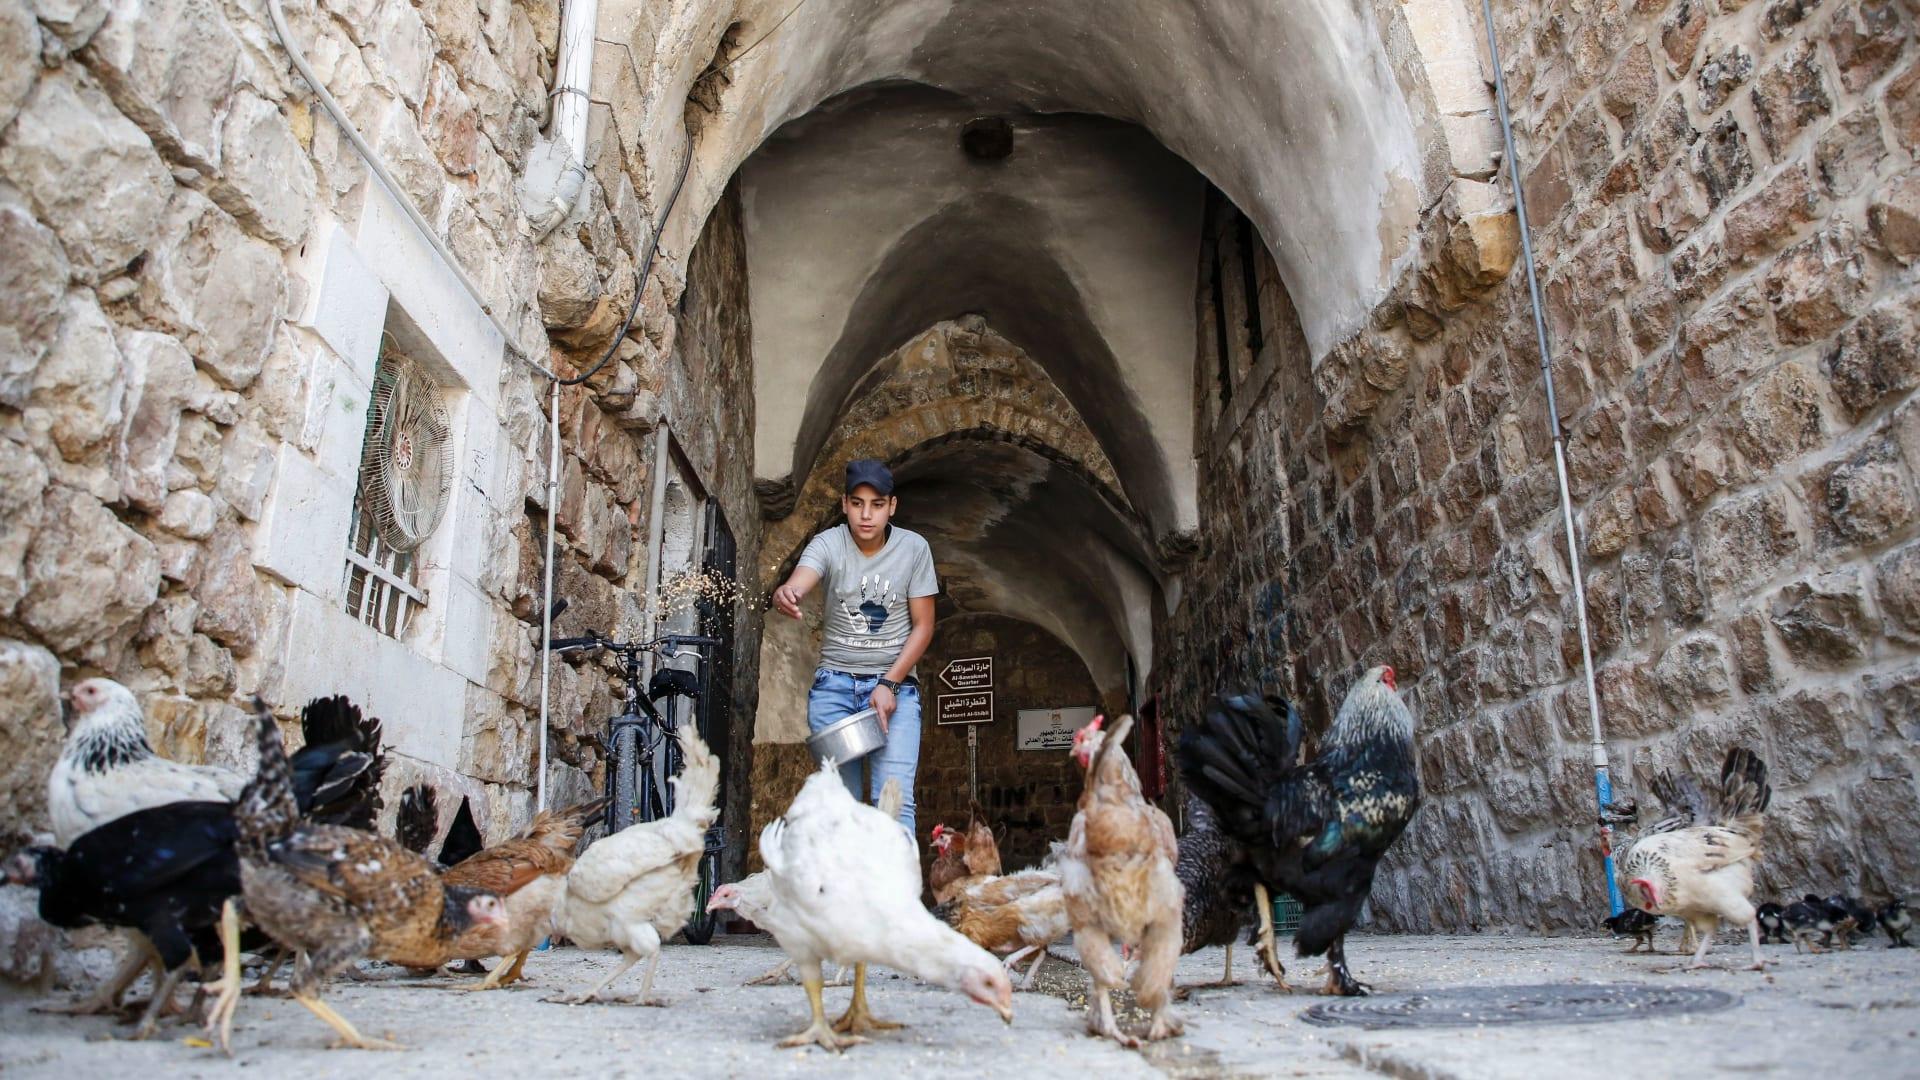 جولة في البلدة القديمة في الخليل.. موقع التراث العالمي الجديد